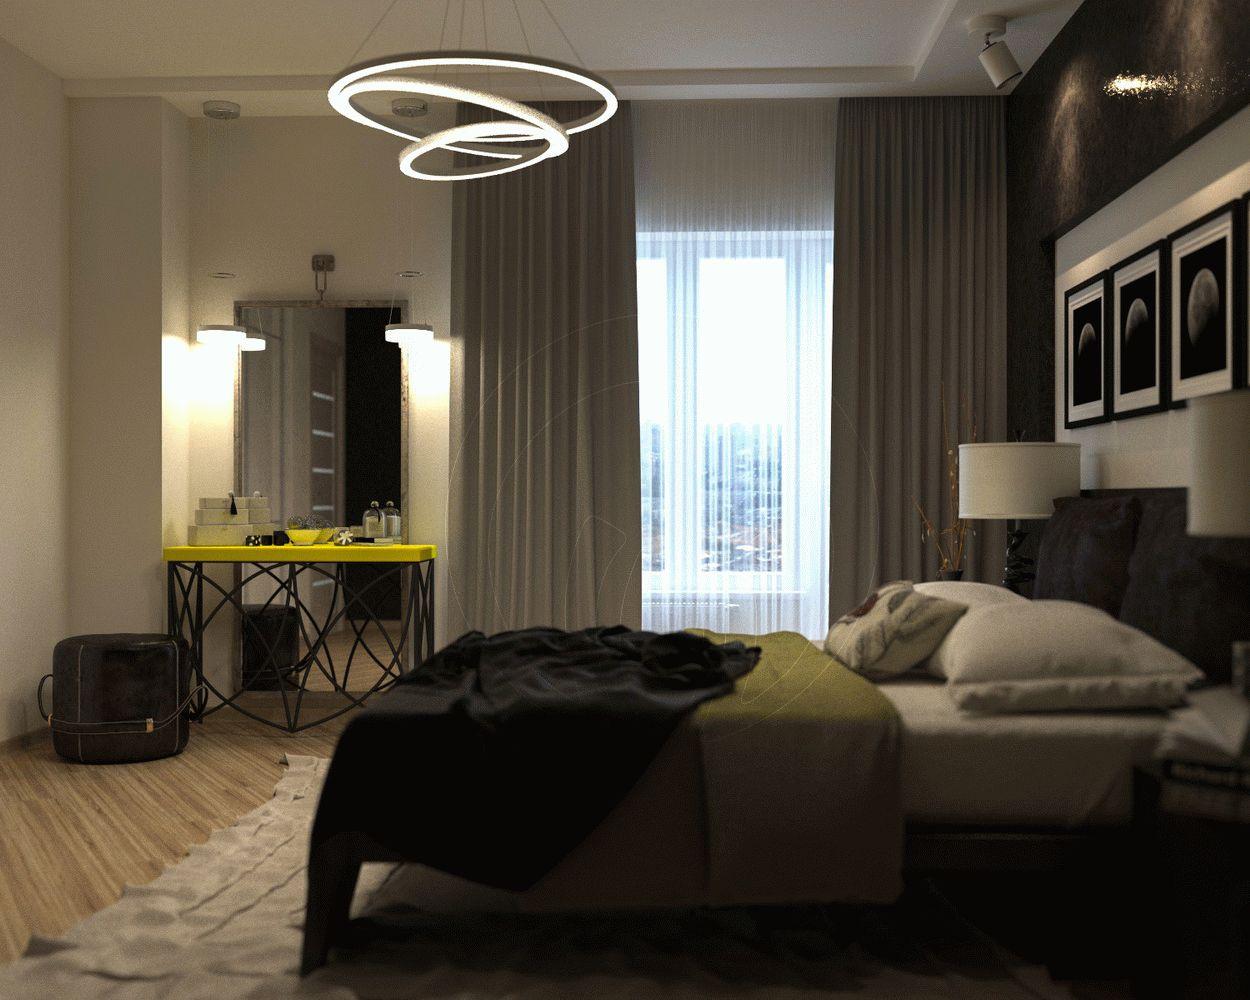 Квартира в стиле минимализм на Героев Сталинграда 10